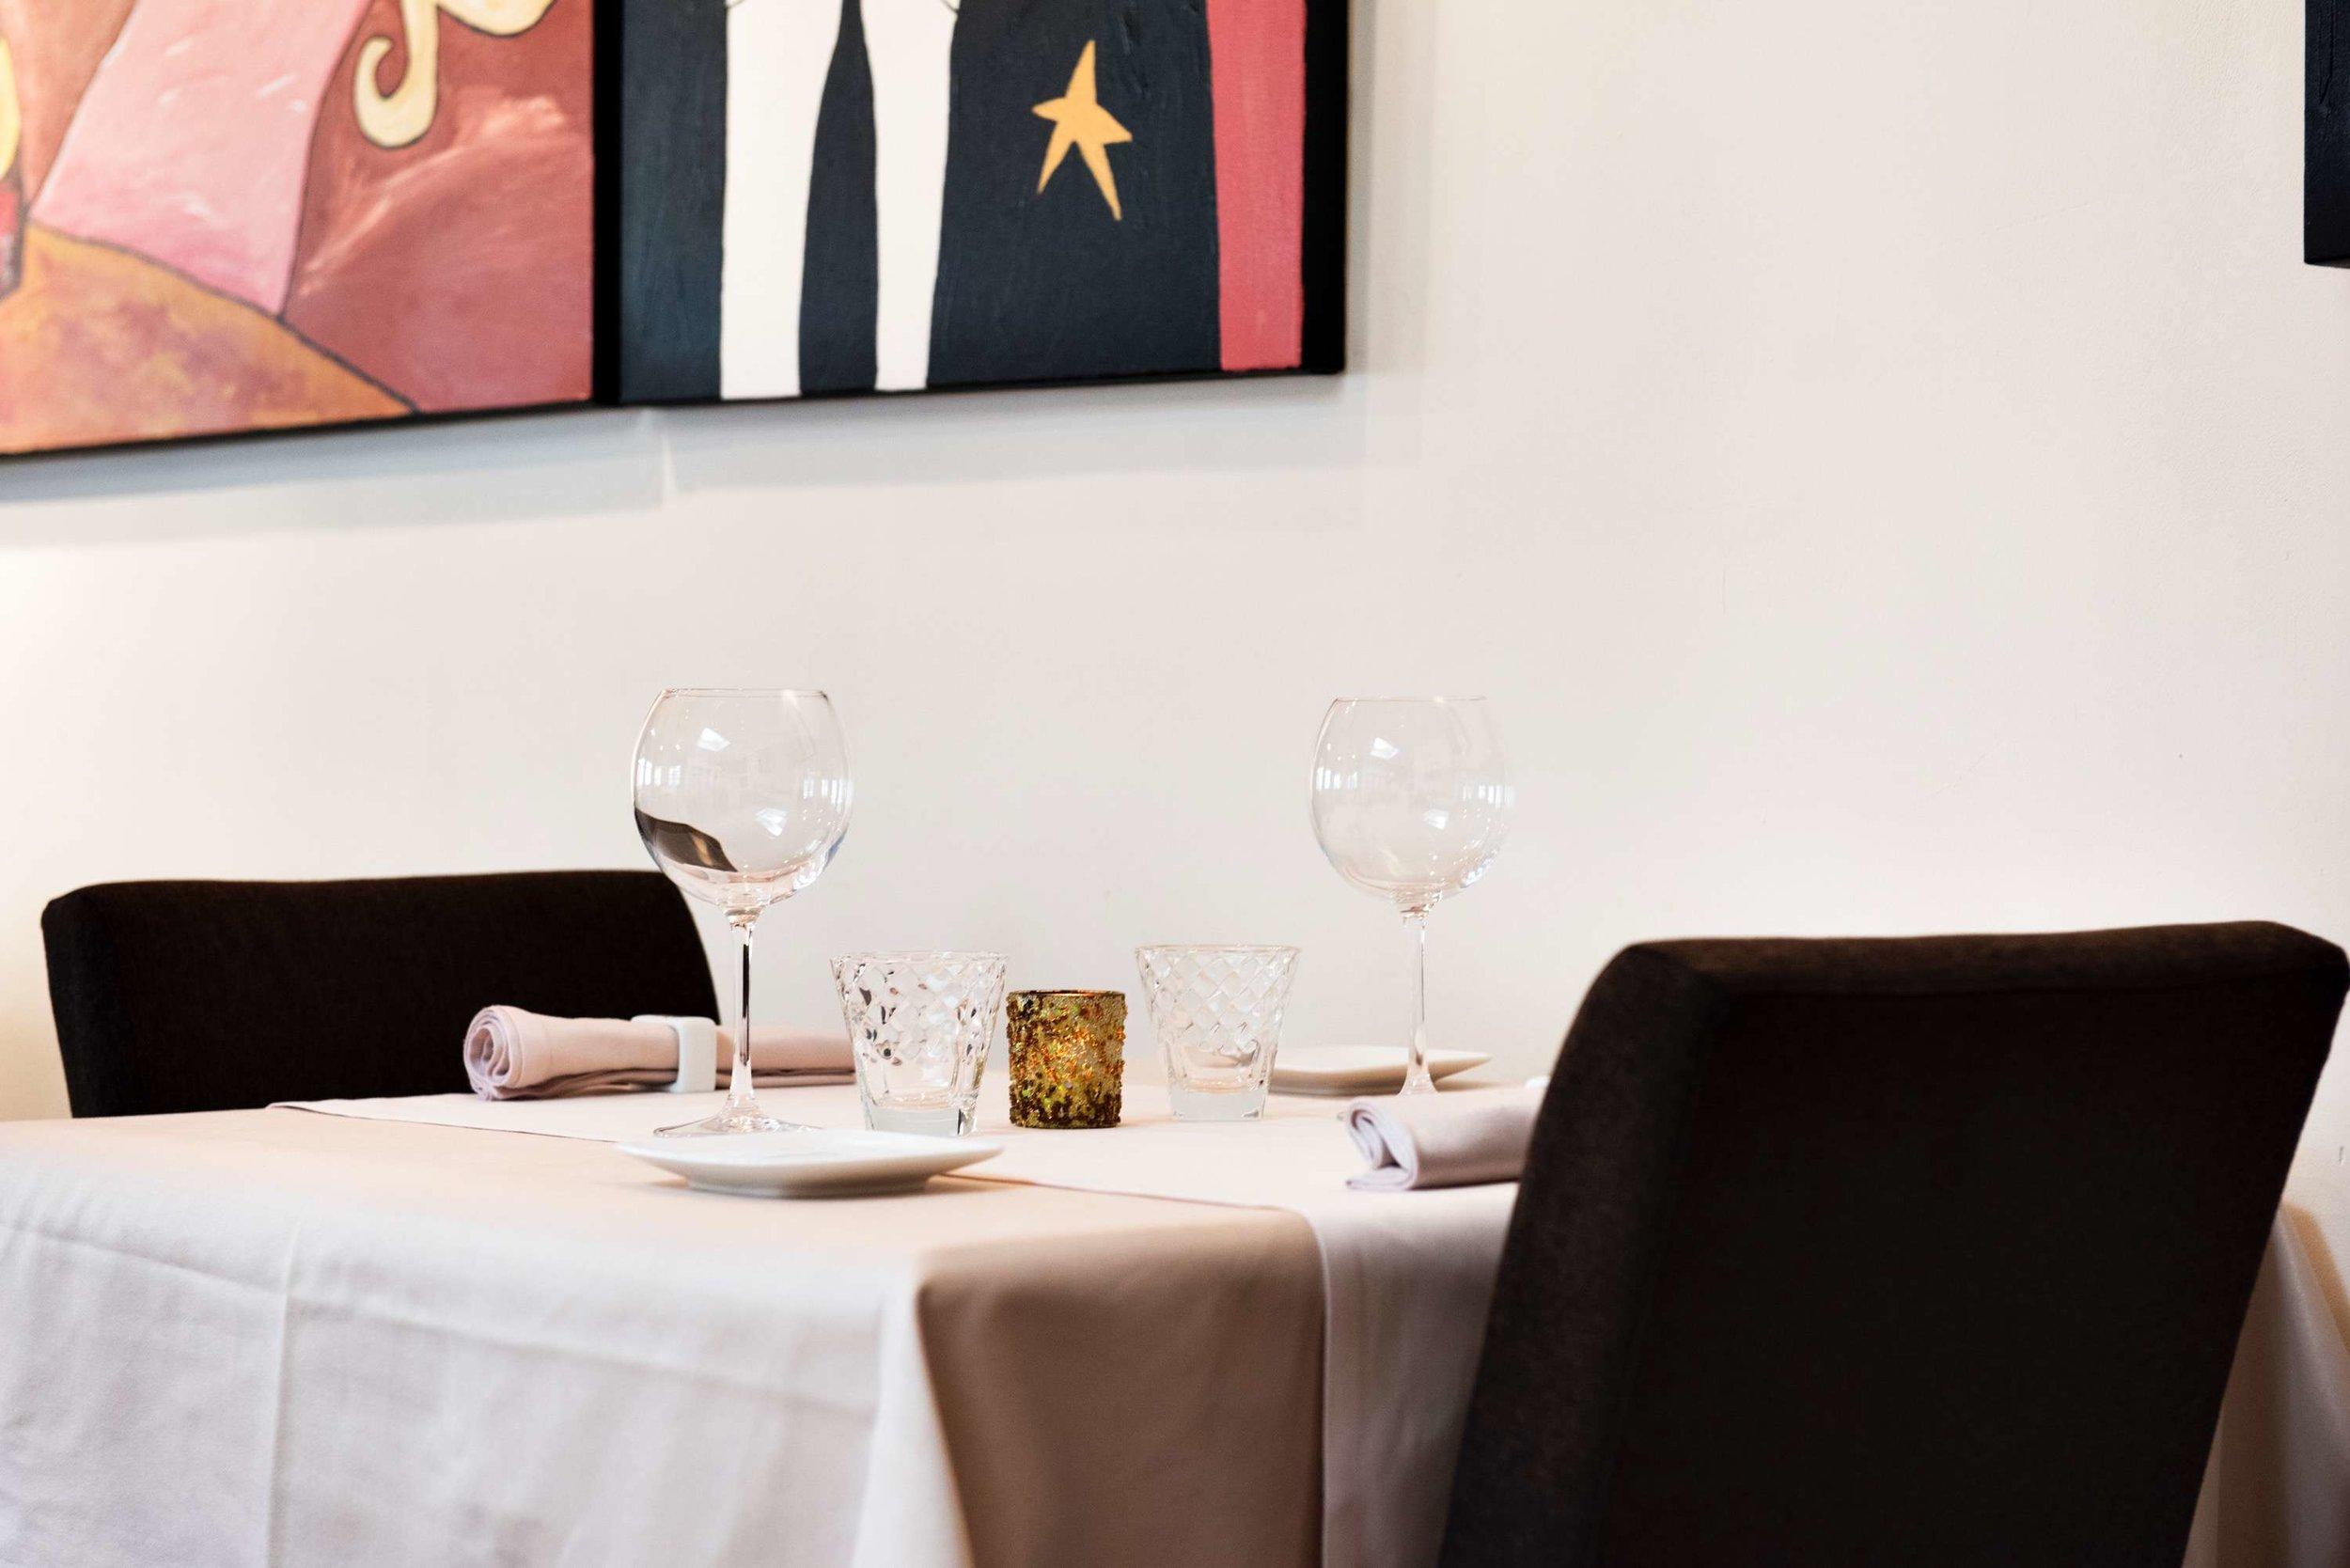 bouffard mol restaurant bart albrecht tablefever 9.jpg